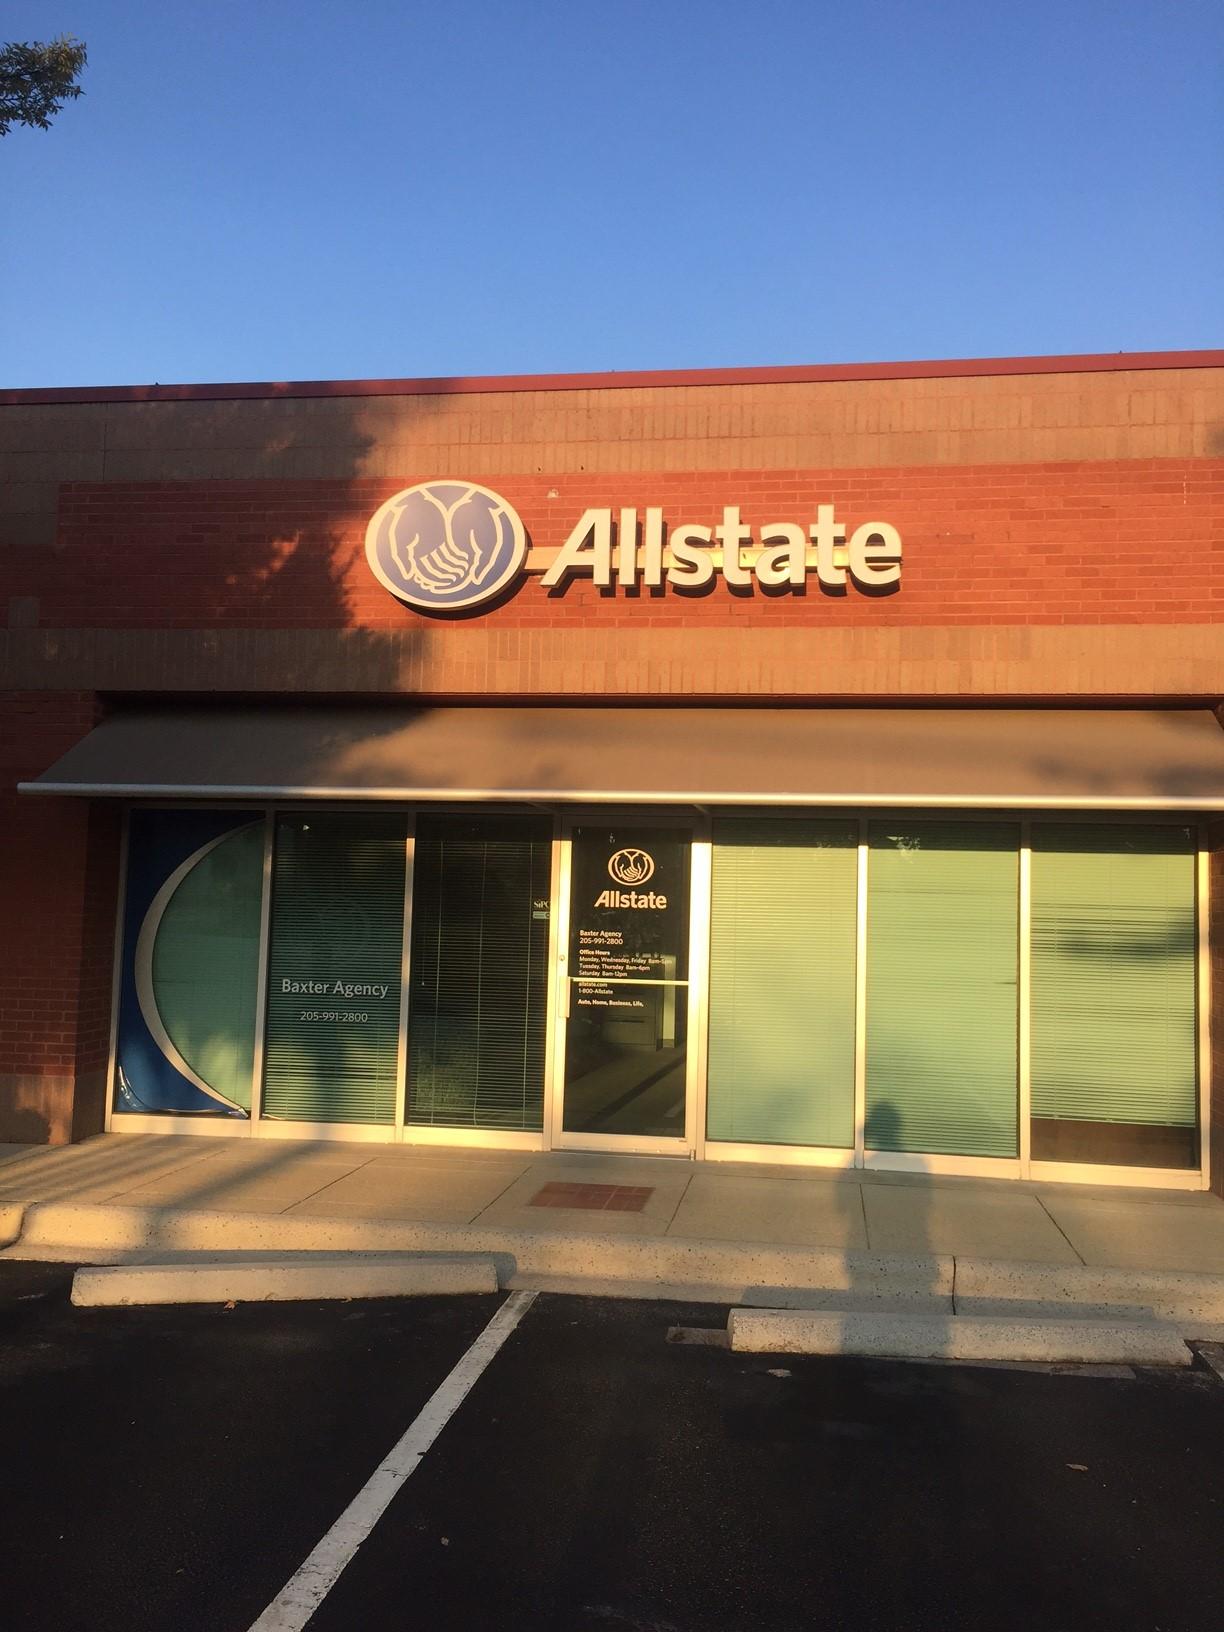 Tyler Baxter: Allstate Insurance